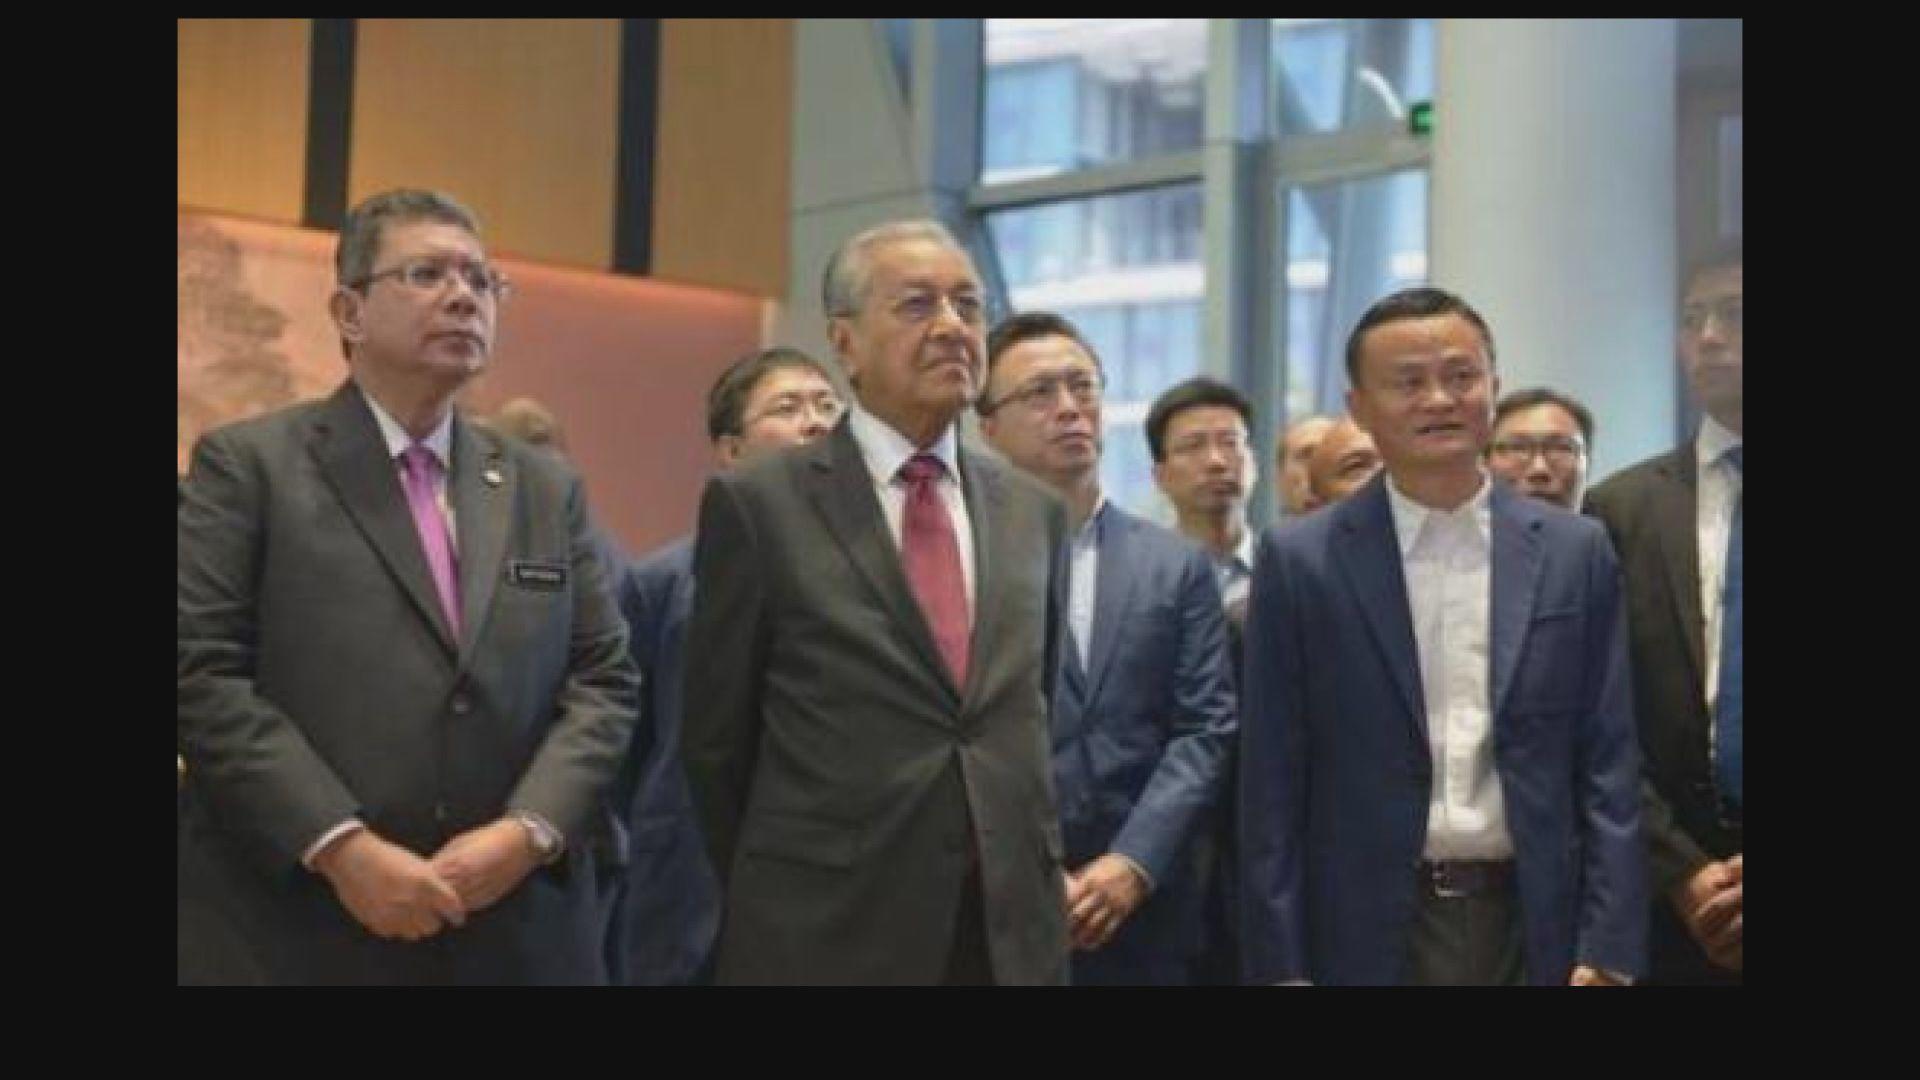 馬來西亞總理馬哈蒂爾訪杭州阿里巴巴總部